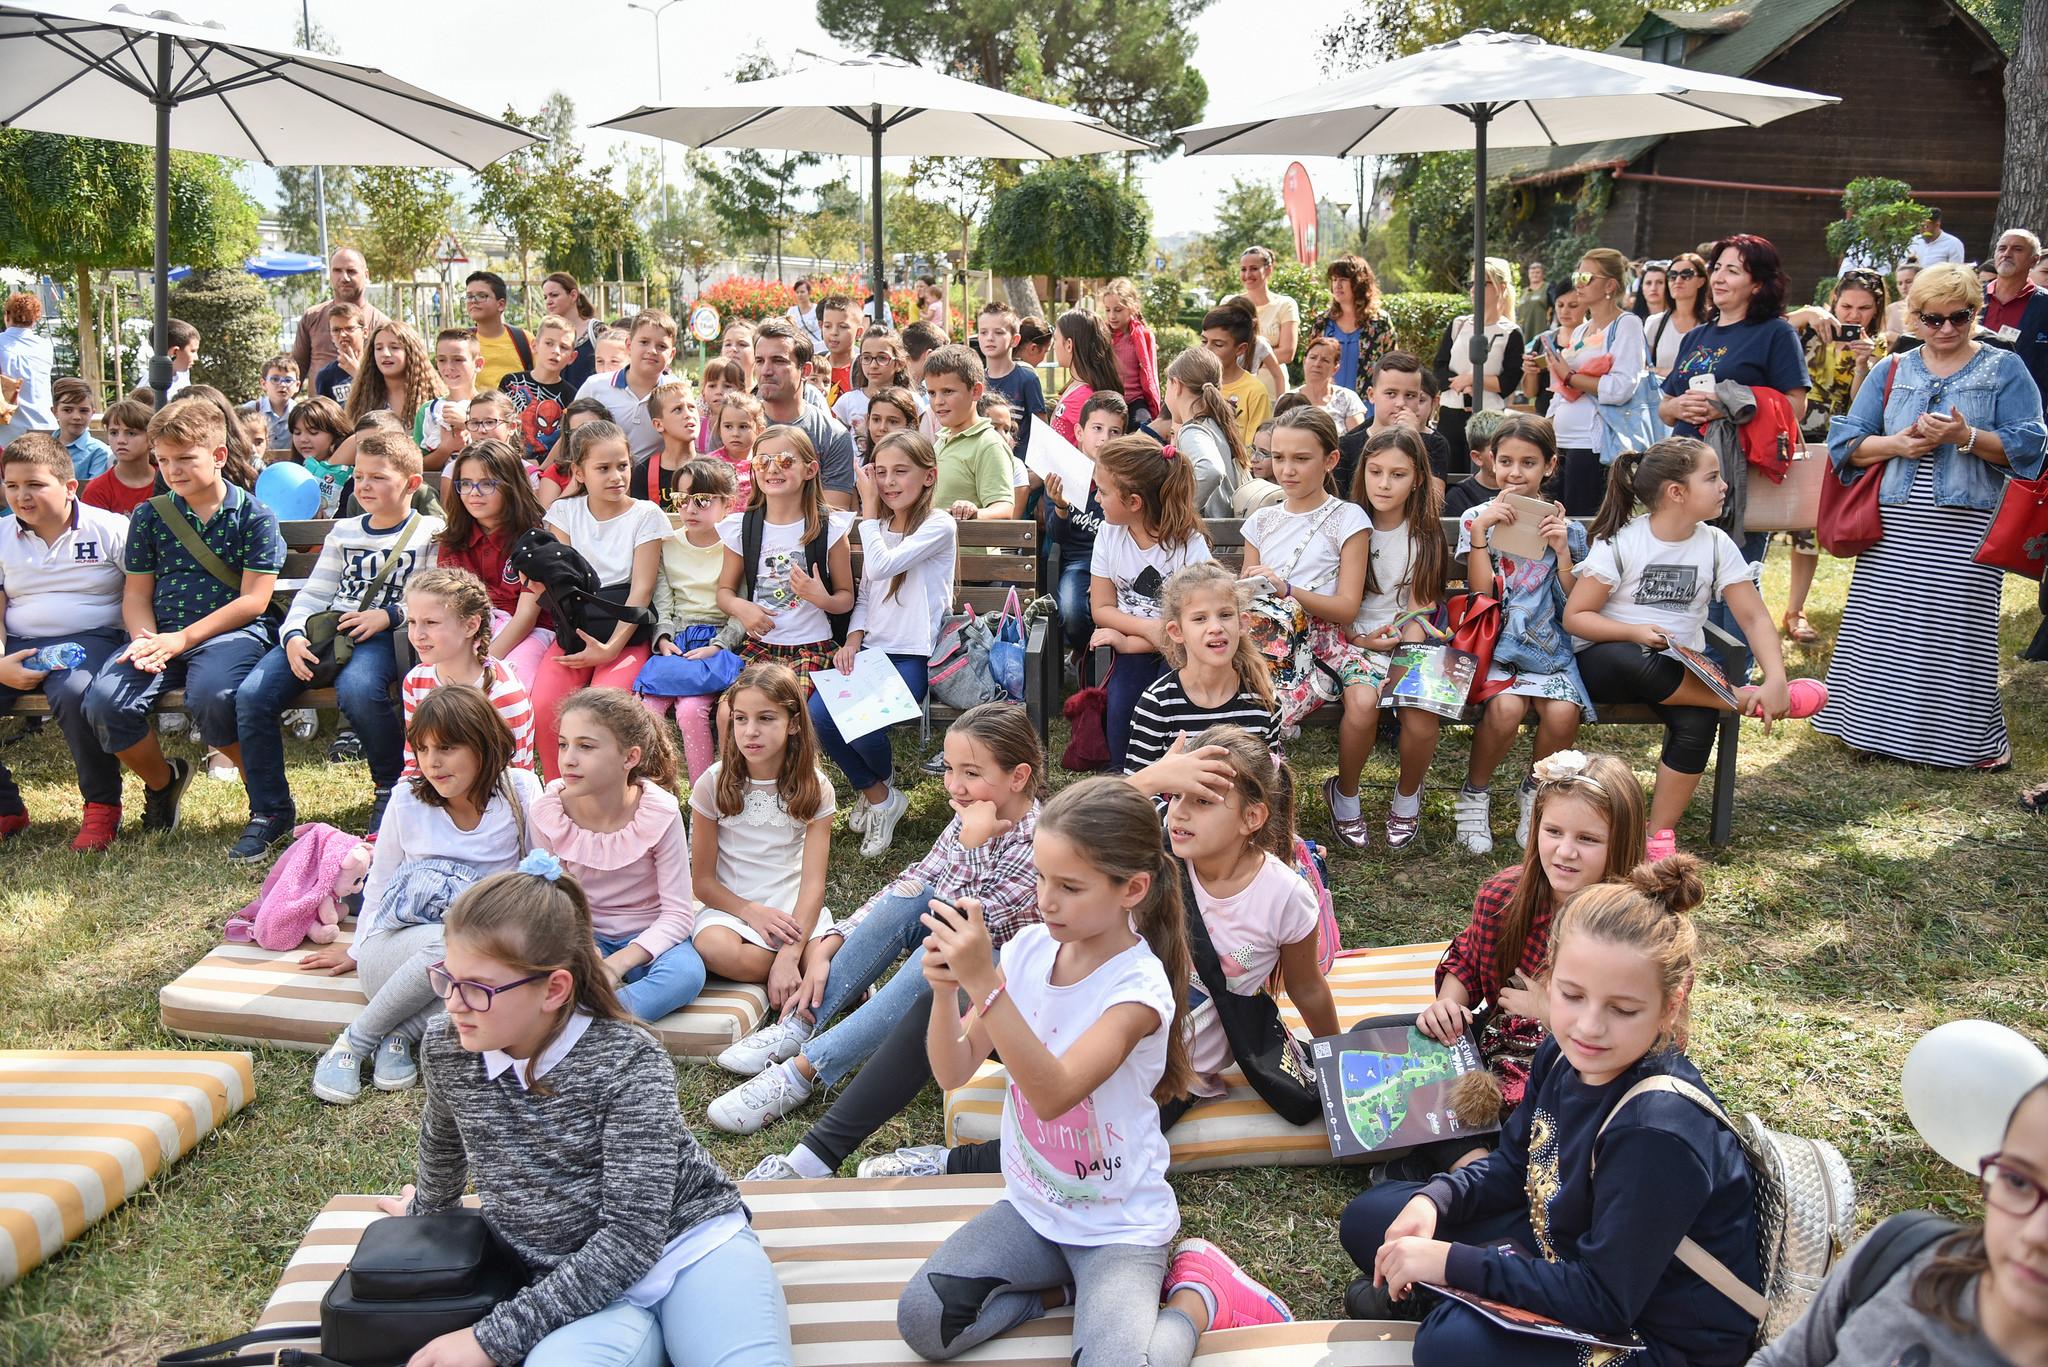 Veliaj gjate aktivitetit me femijet te Kopshti Zoologjik 2